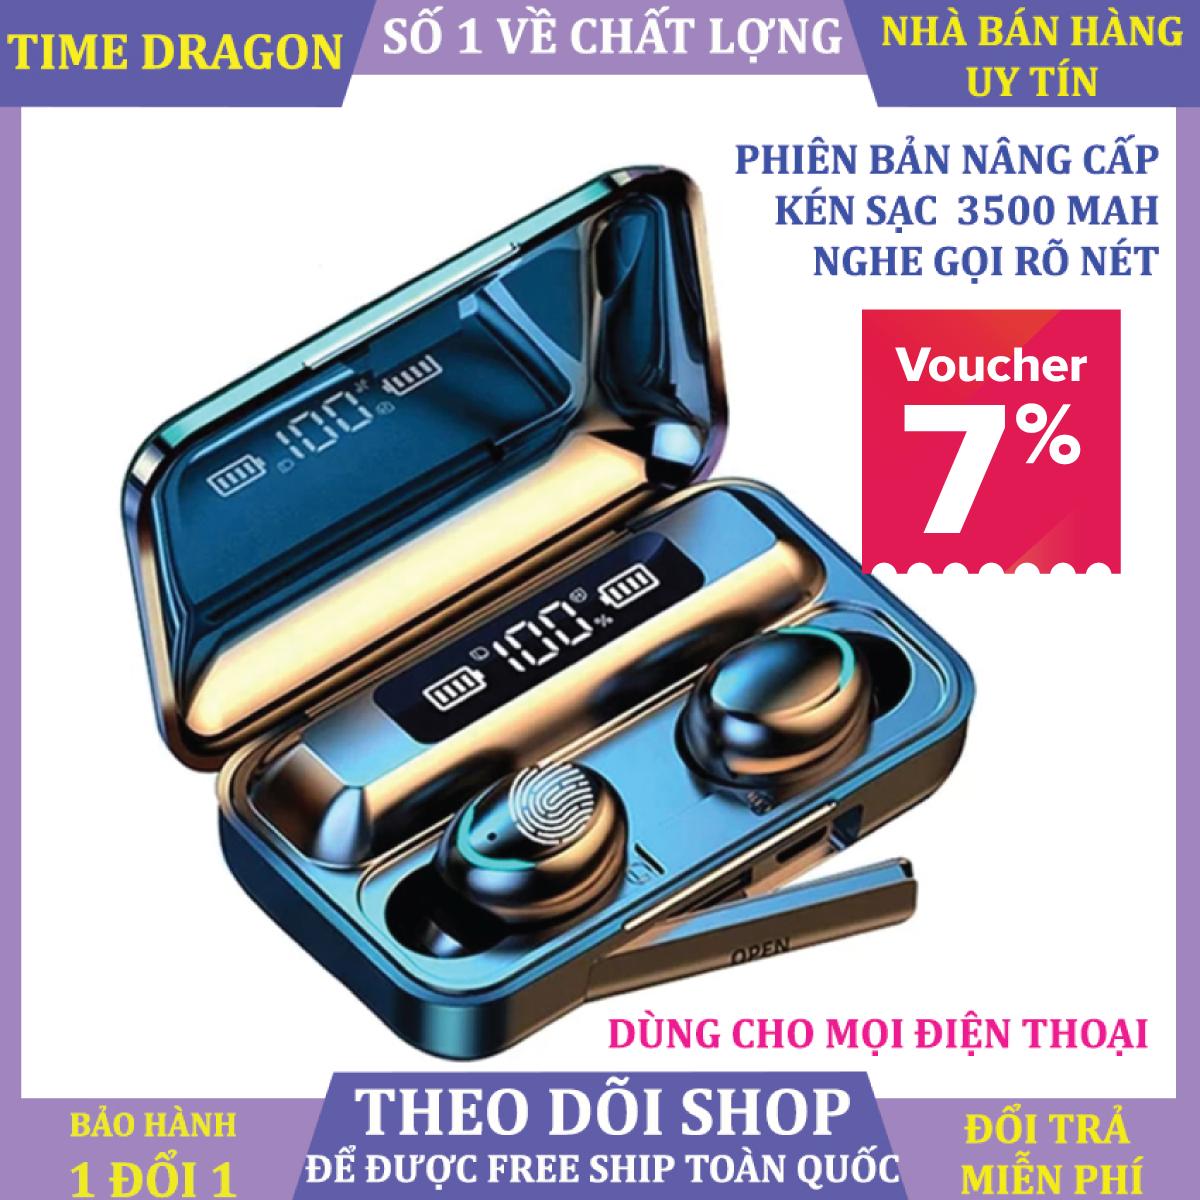 Tai Nghe Bluetooth F95 Tai Nghe Không Dây Nhét Tai Pin 3500 mAh Micro HD, Âm Tanh 9D Chống Nước, Chống ồn - Tai Nghe Bluetooth Bản Cao Cấp - Tai Nghe Nhét Tai Không Dây - Tai Nghe Dùng Cho Mọi Điện Thoại